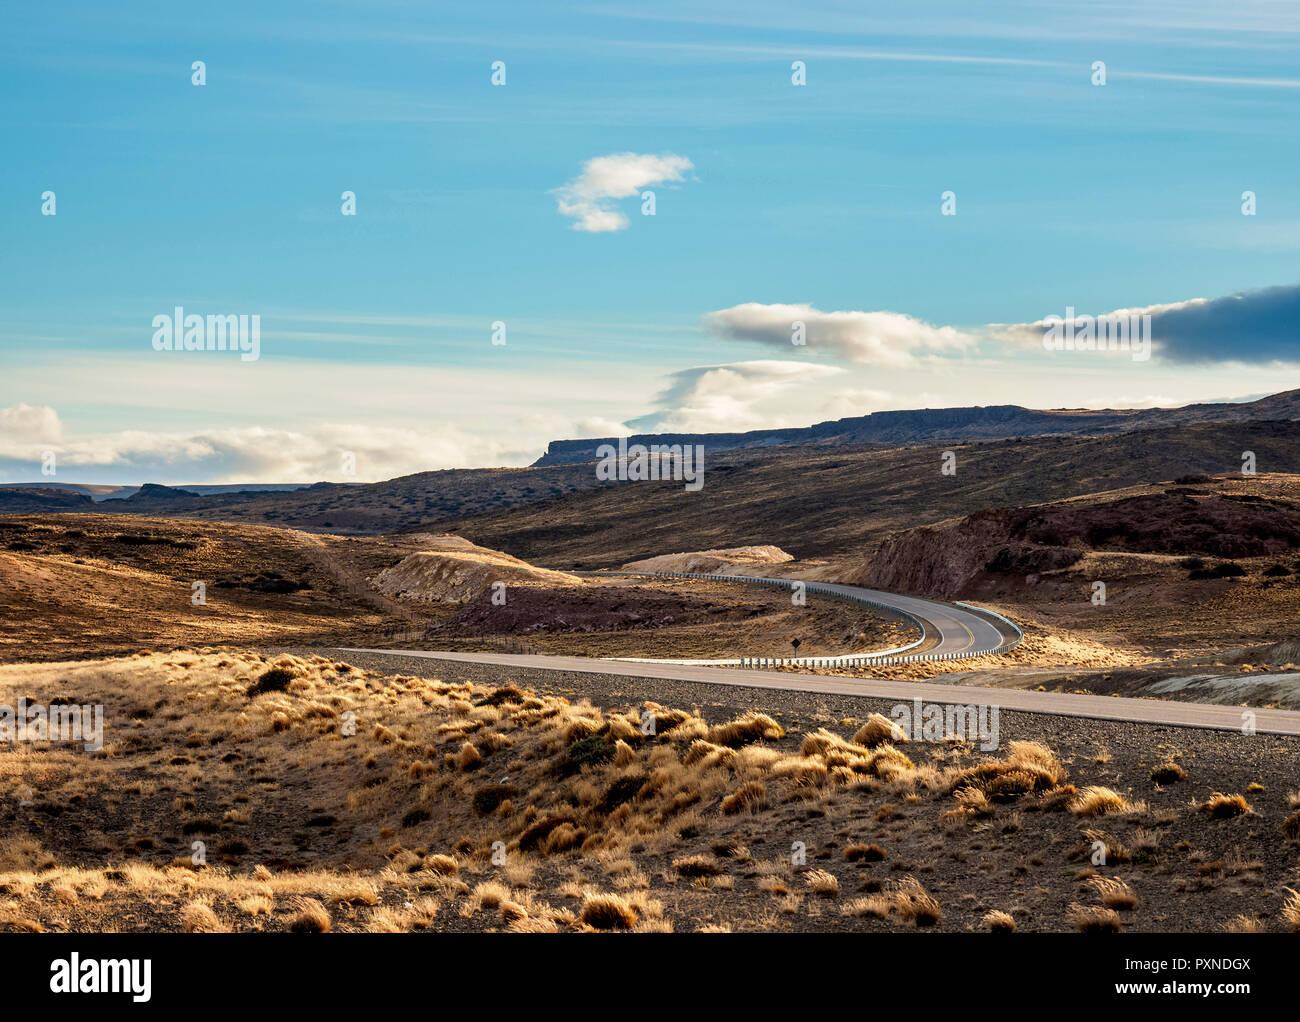 Ruta 40 cerca de la ciudad de Perito Moreno, provincia de Santa Cruz, Patagonia, Argentina Imagen De Stock